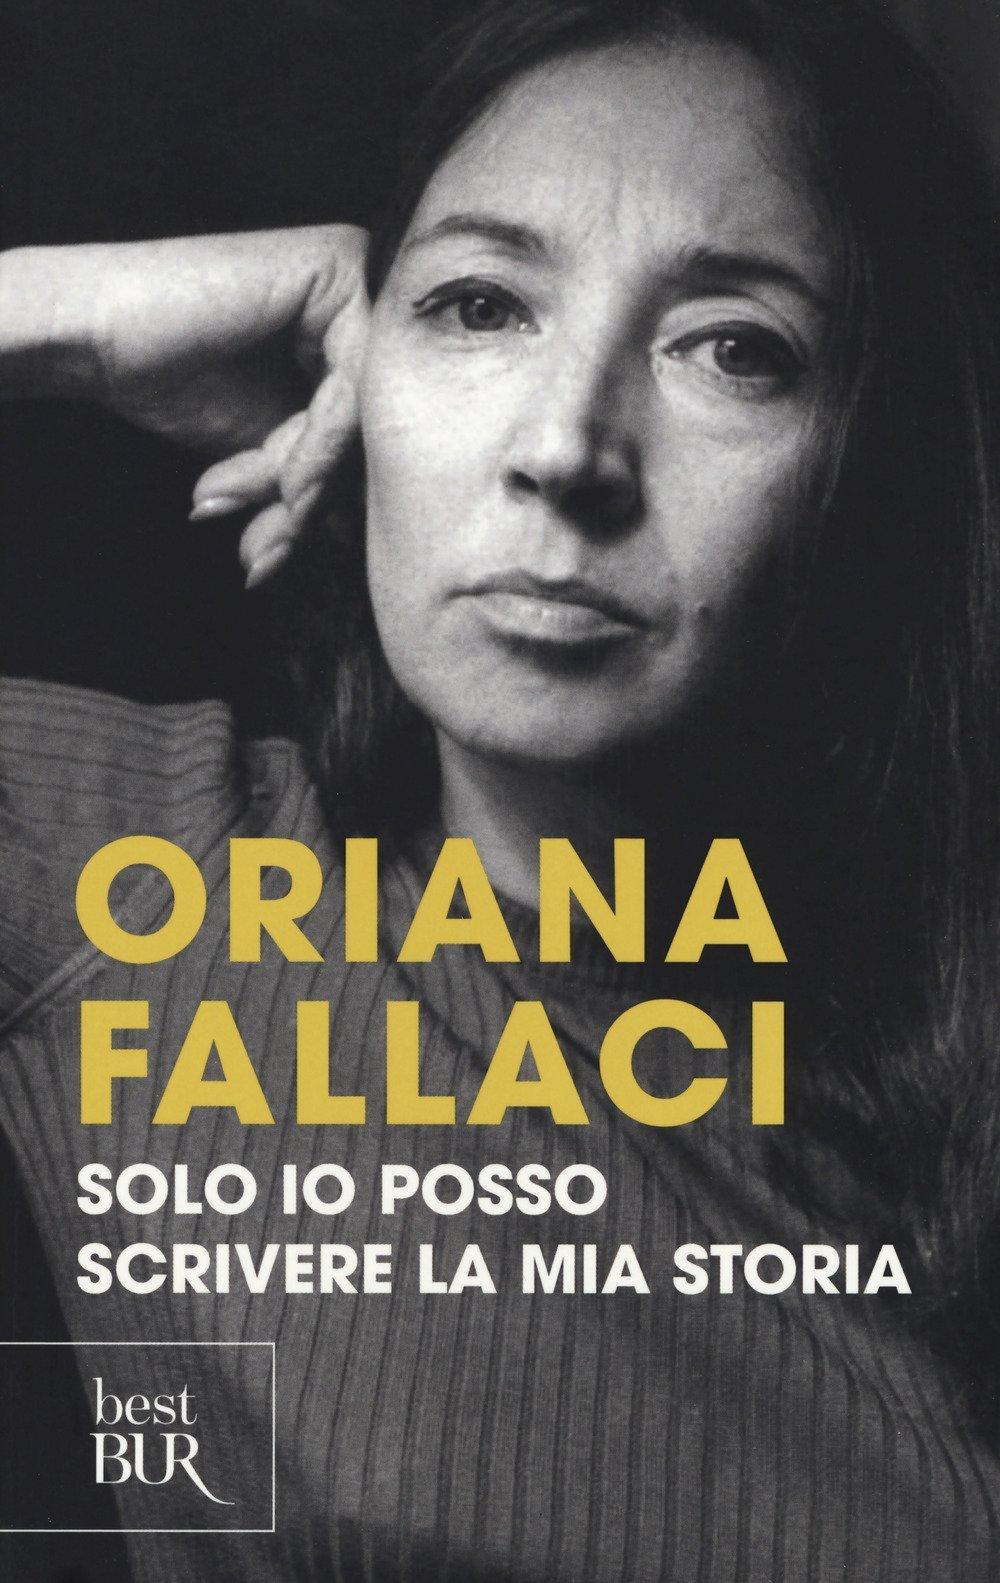 www.libreriapino.com